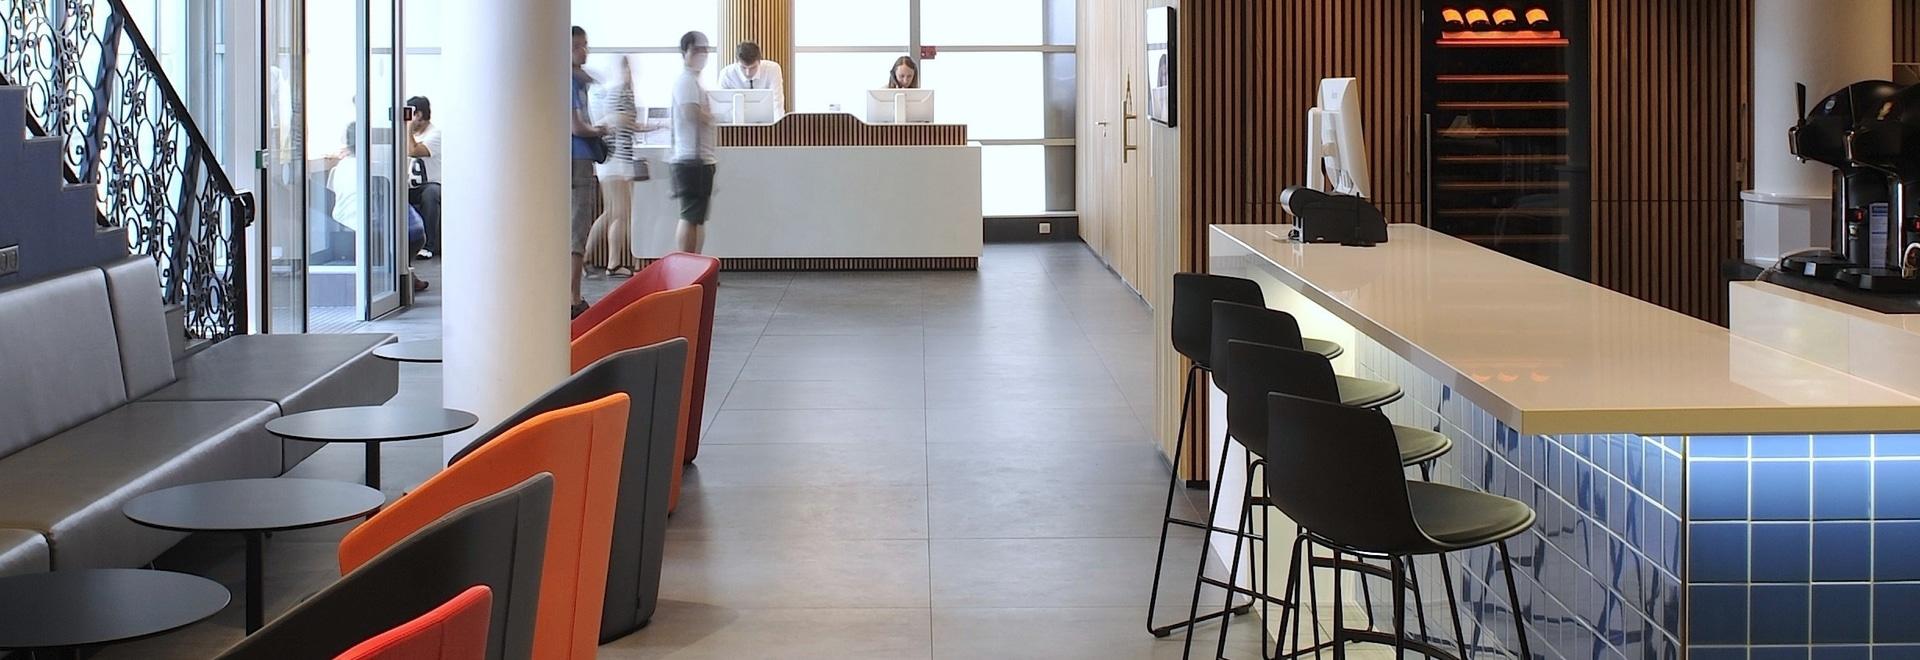 Hotelentwurf - Kyriad Bercy